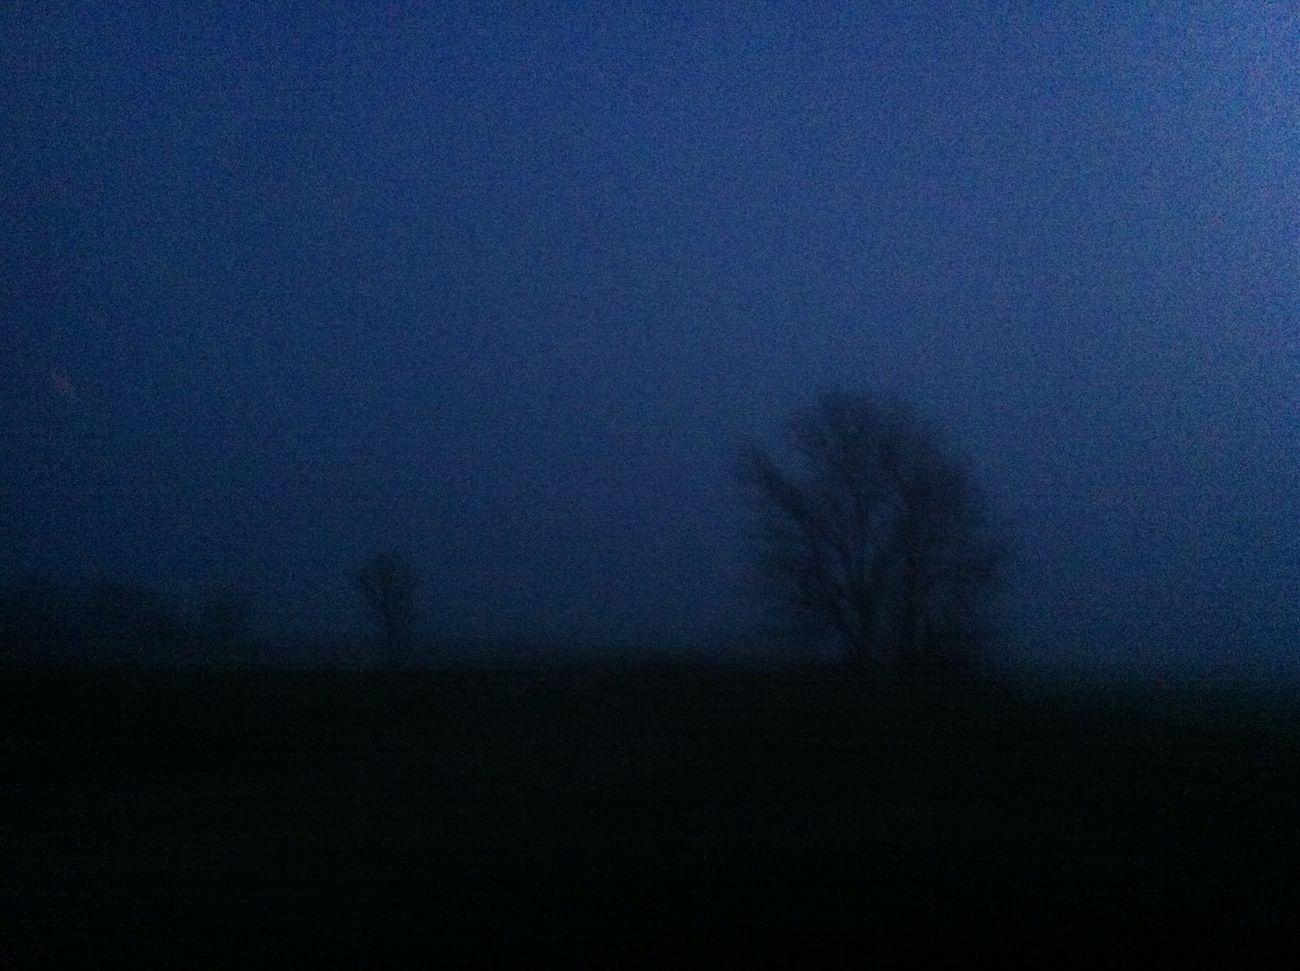 утро туман темно Природа